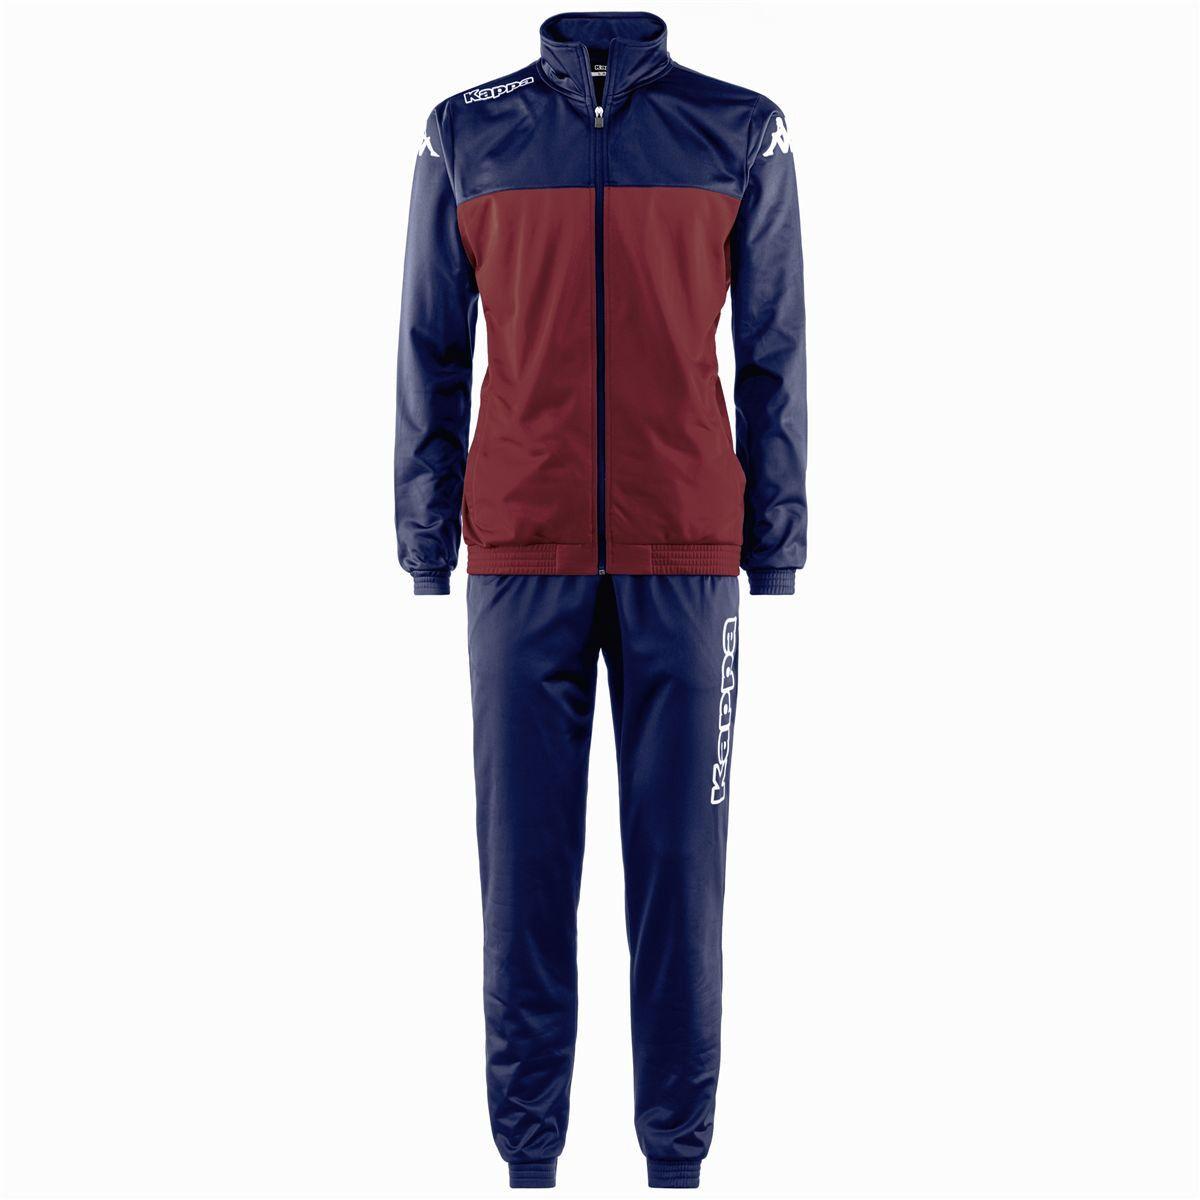 Kappa  Alphon Suit Traje Sportiva de Hombre - 303sda0 916  primera vez respuesta